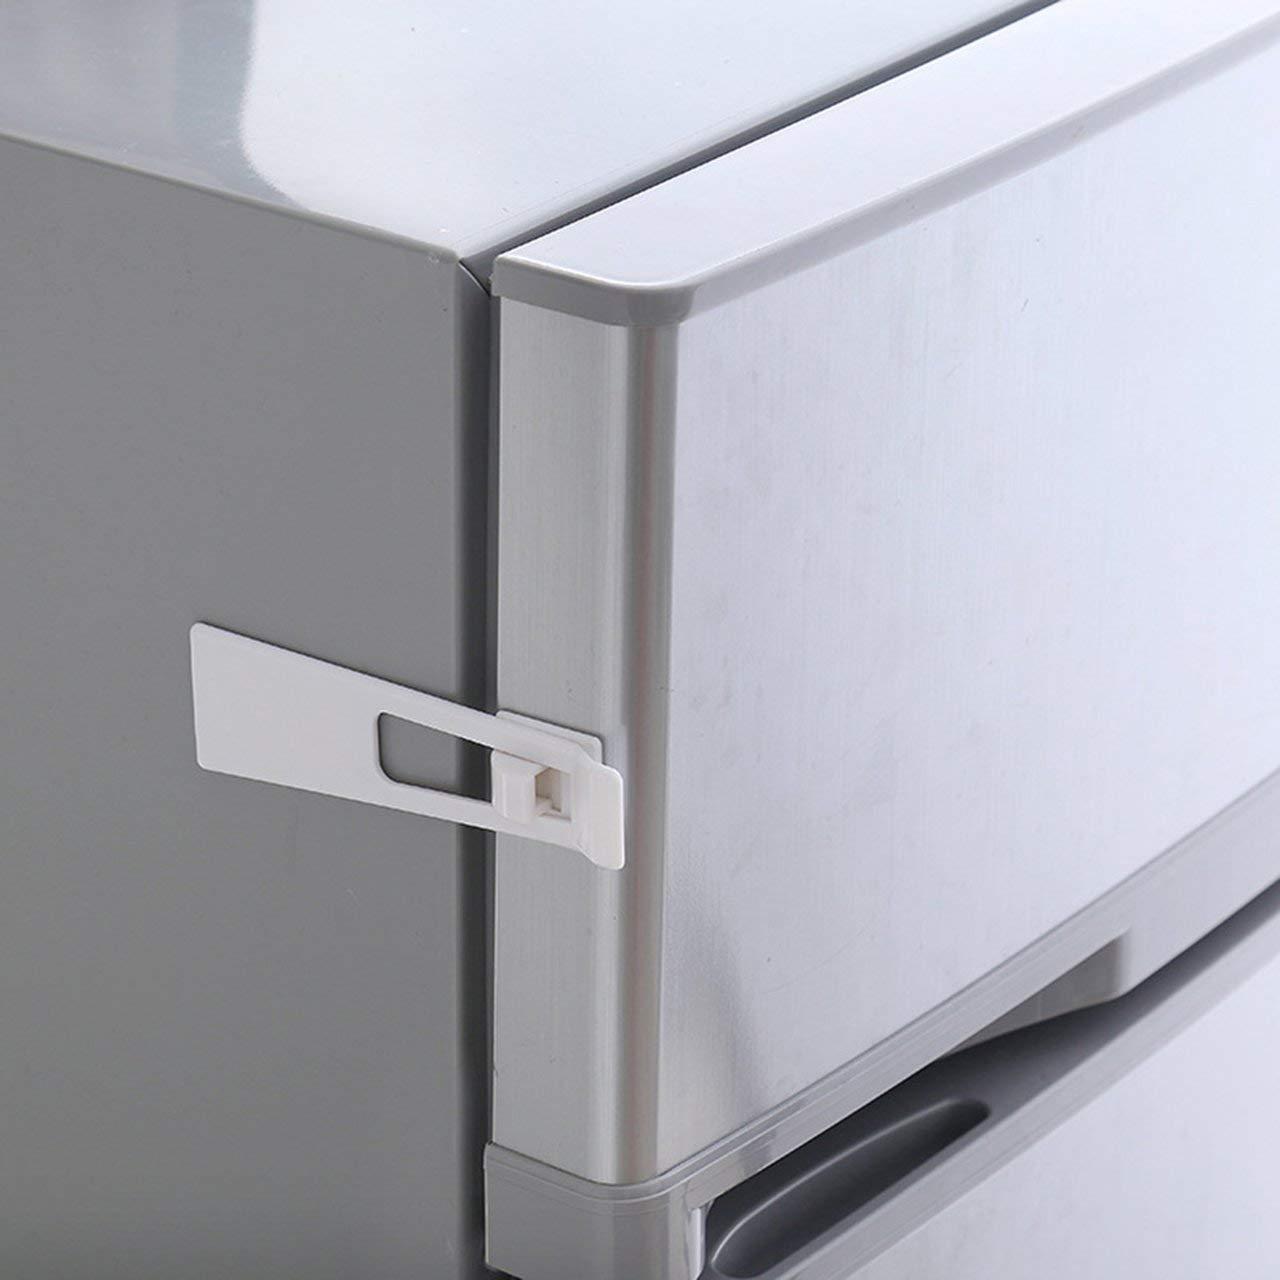 Beb/é Ni/ño Seguridad Proteger Cerraduras Refrigerador Guard Armario Refrigerador Caj/ón de la puerta Hogar Interior Pestillo de seguridad F/ácil de instalar ESjasnyfall Blanco